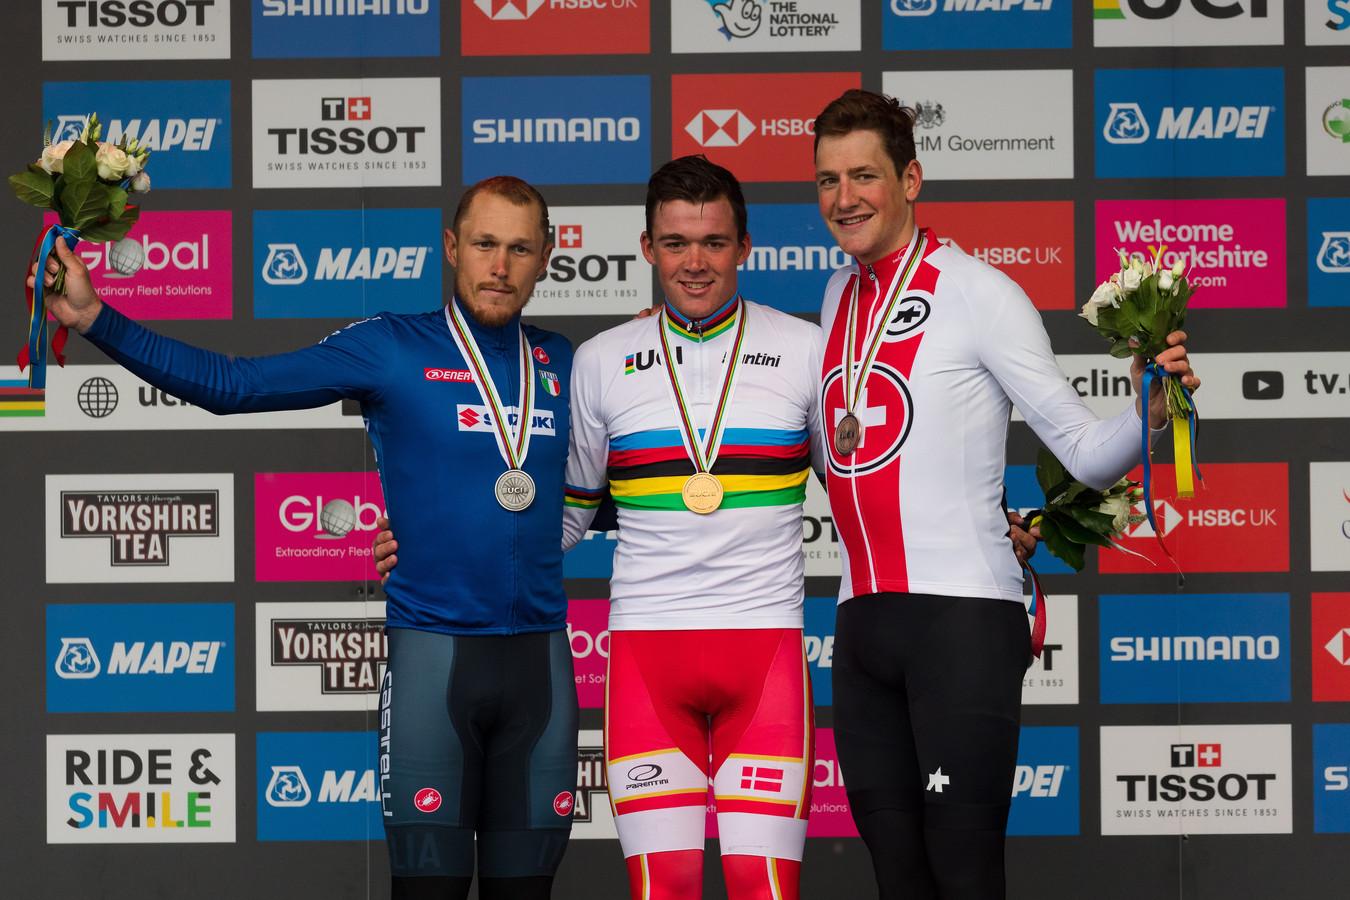 Wereldkampioen Mads Pedersen geflankeerd door Matteo Trentin en Stefan Küng op het WK-podium van vorig jaar.